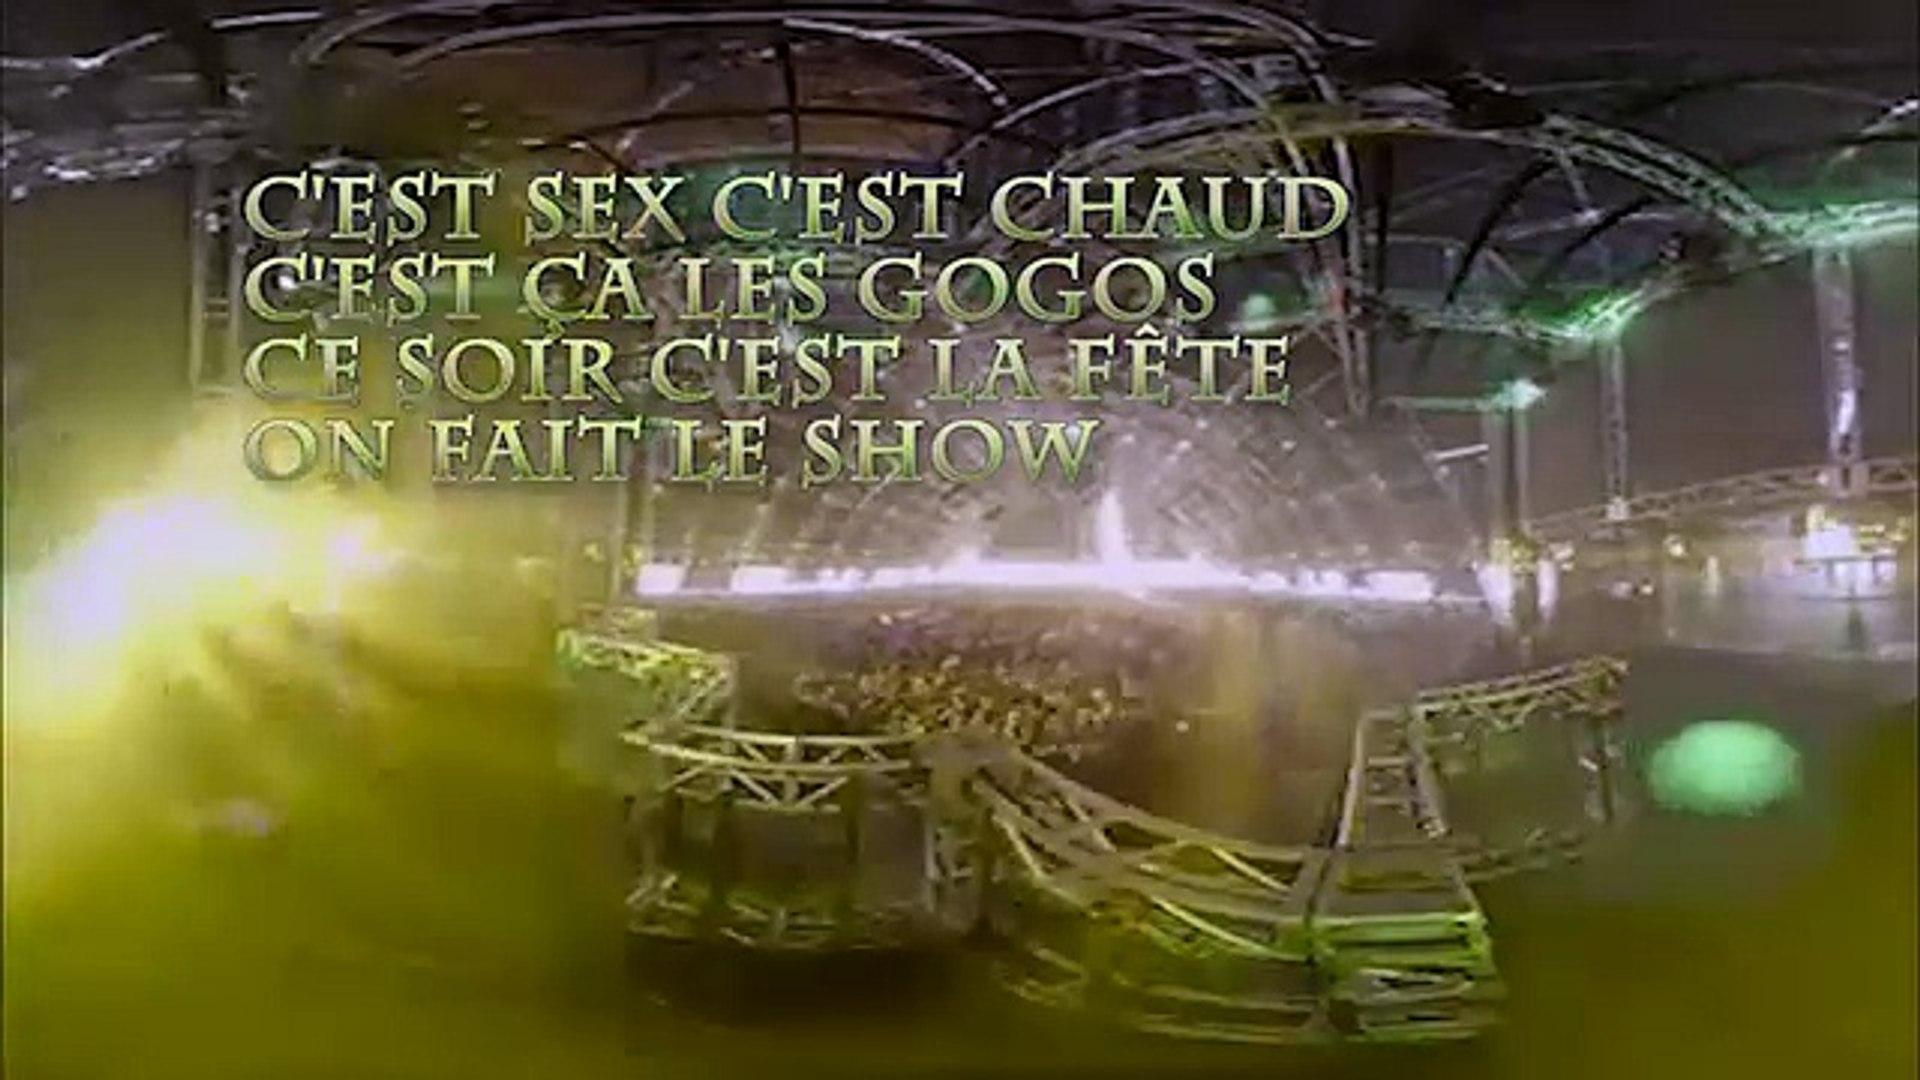 C'EST SEX C'EST CHAUD  - IS SEX IS HOT